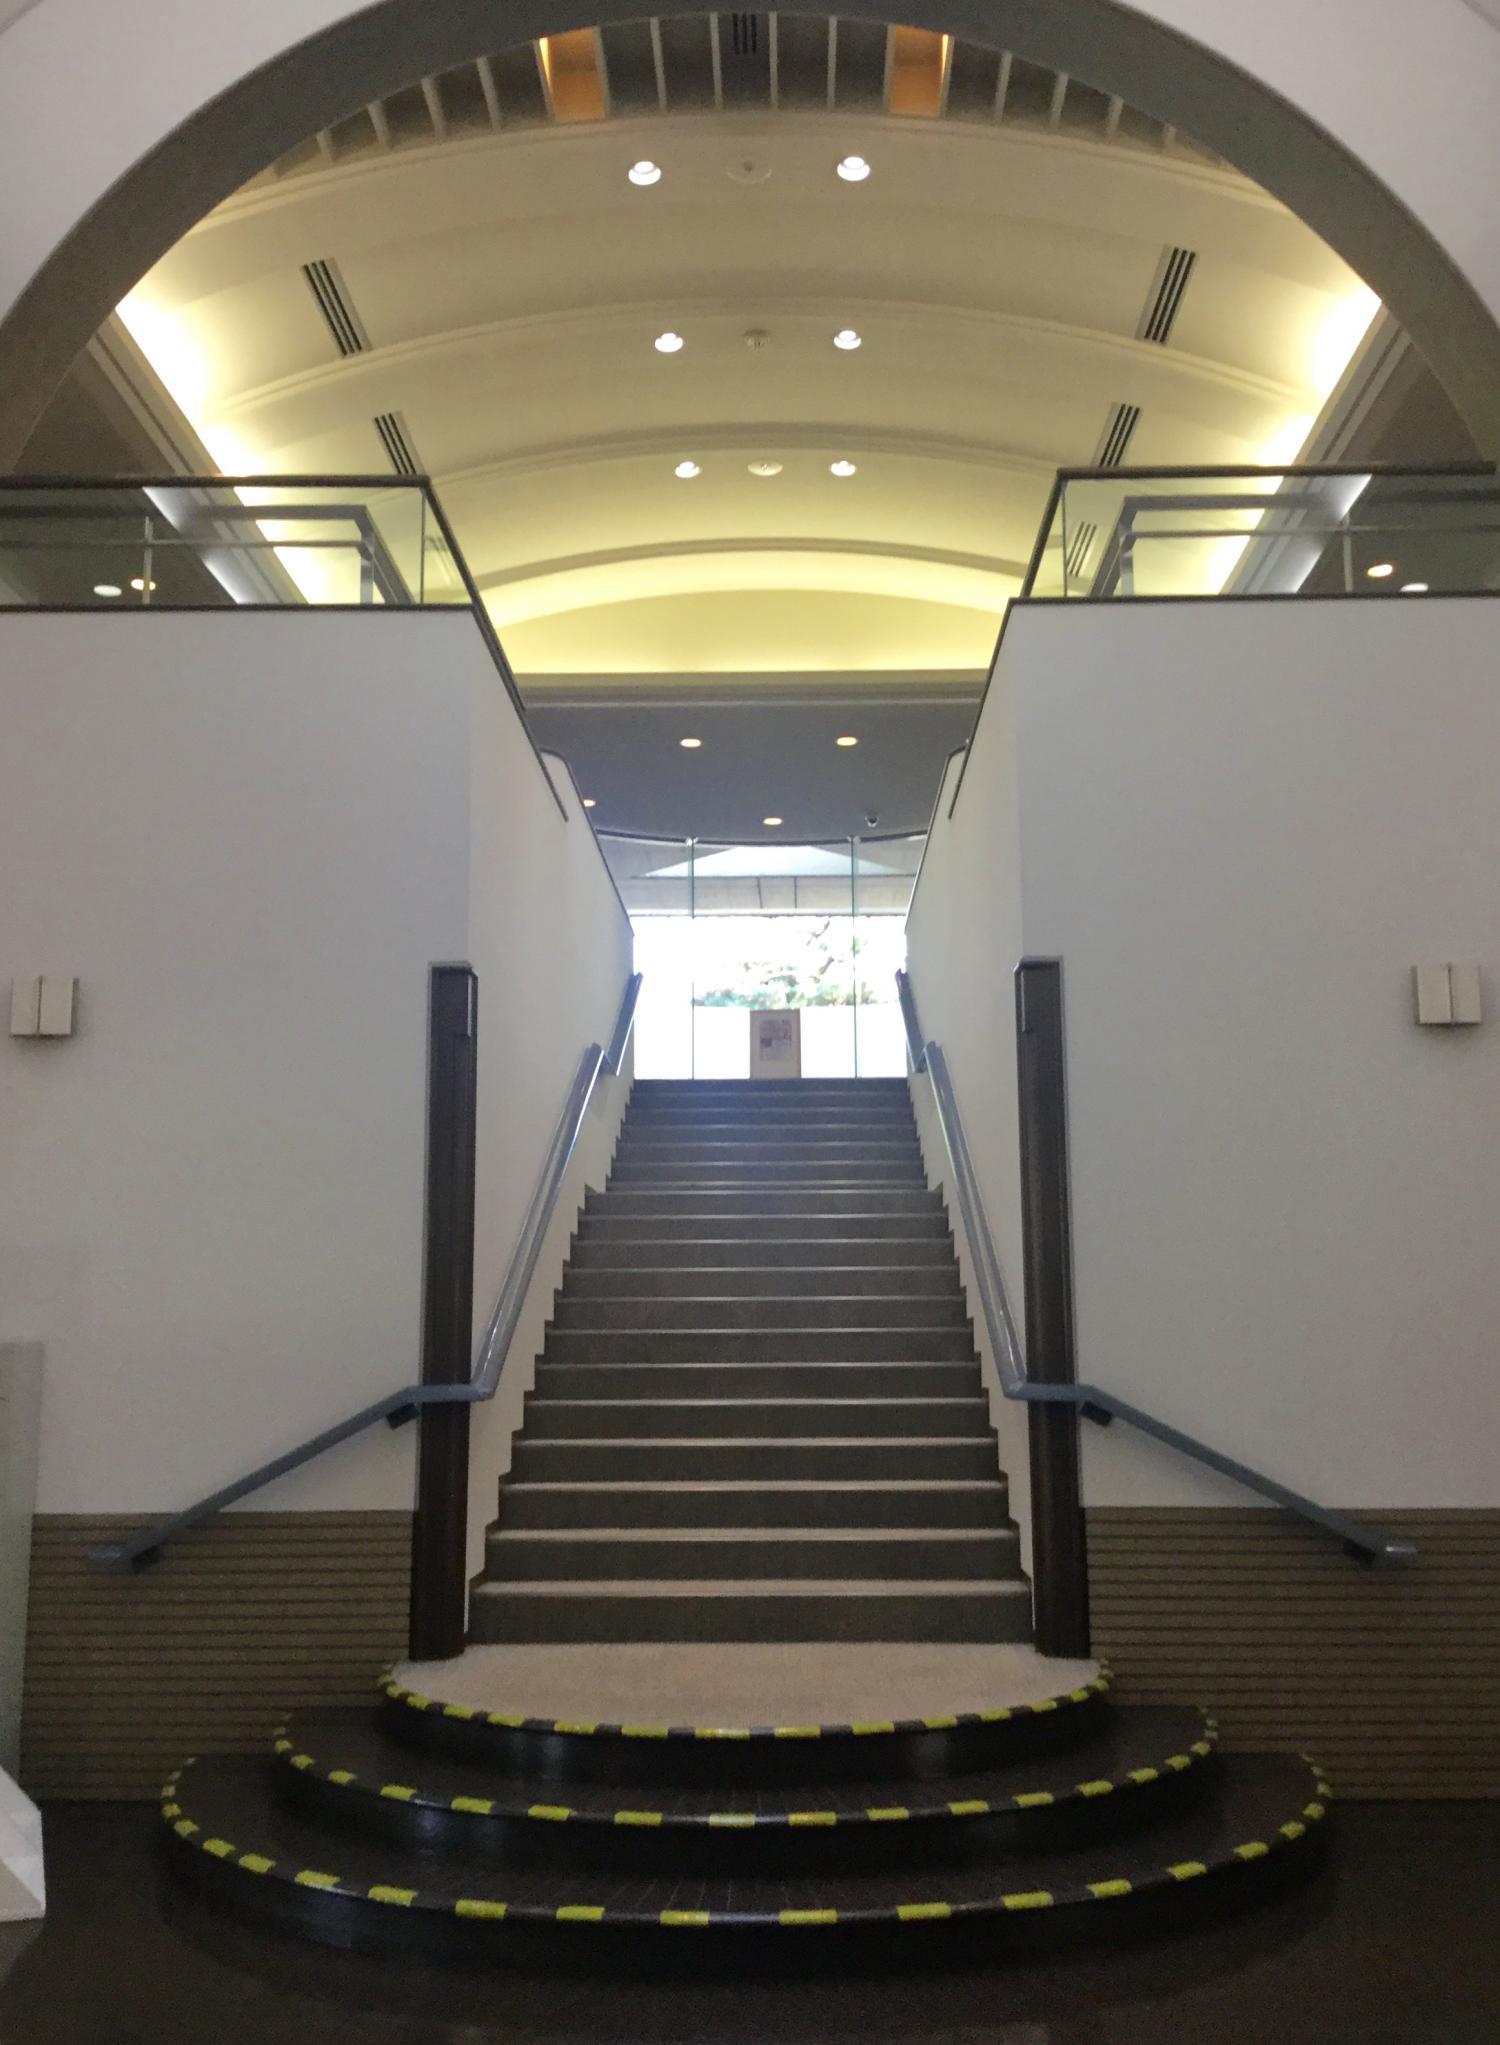 拍故鄉文化館別館的內部的圖片